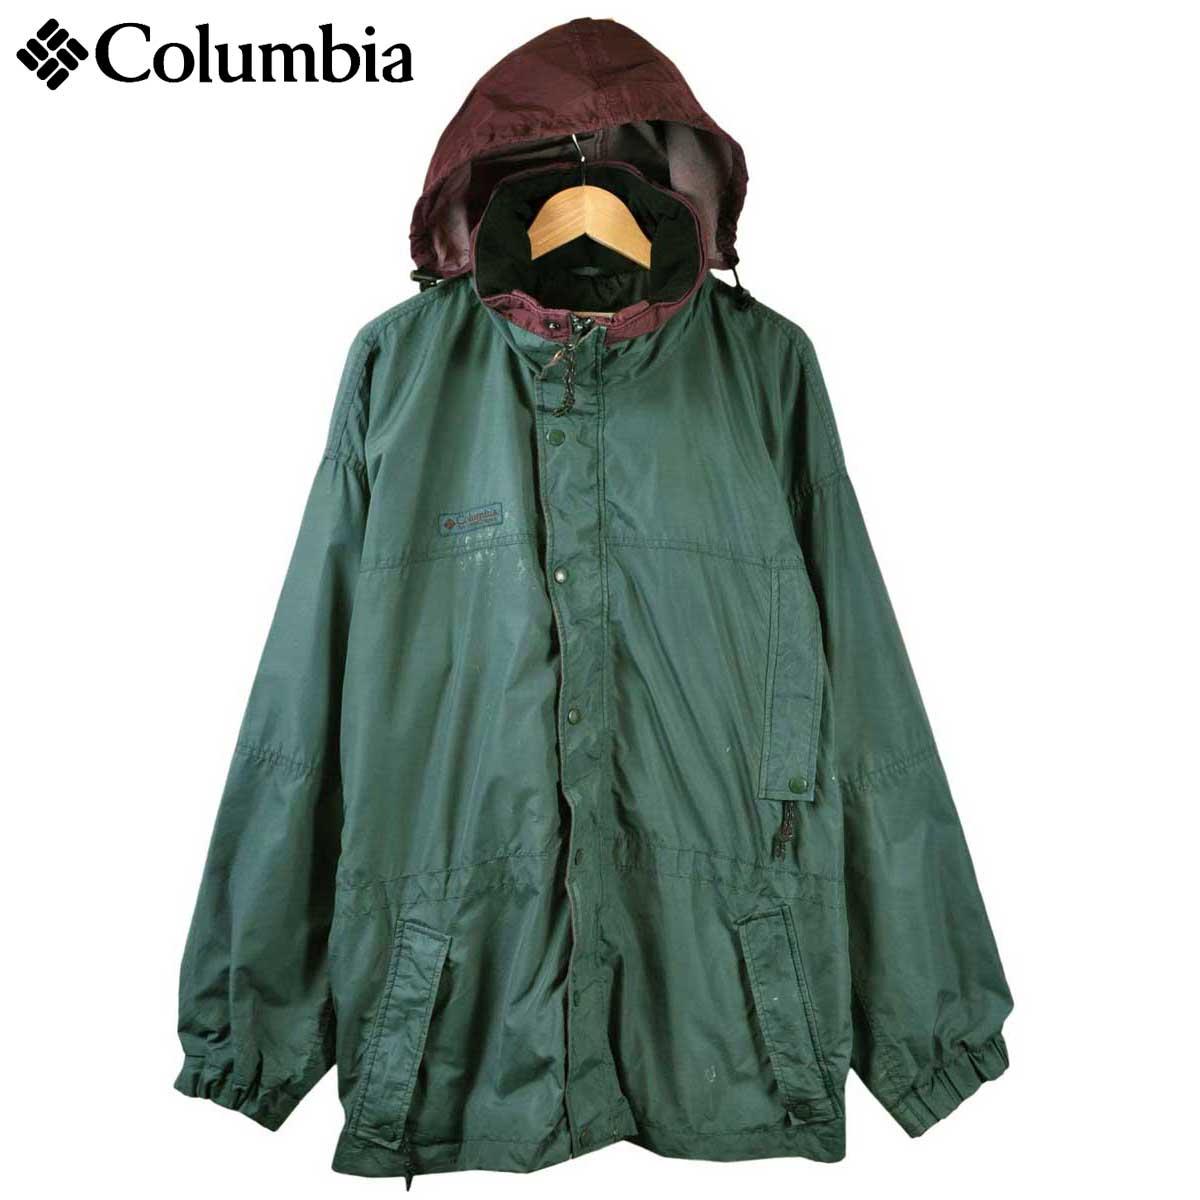 【ビッグサイズ】ヴィンテージ 1990年代 Columbia コロンビア Long's Peak ロングスピーク マウンテンパーカ アウトドアジャケット ダークグリーン メンズXL相当【中古】▼